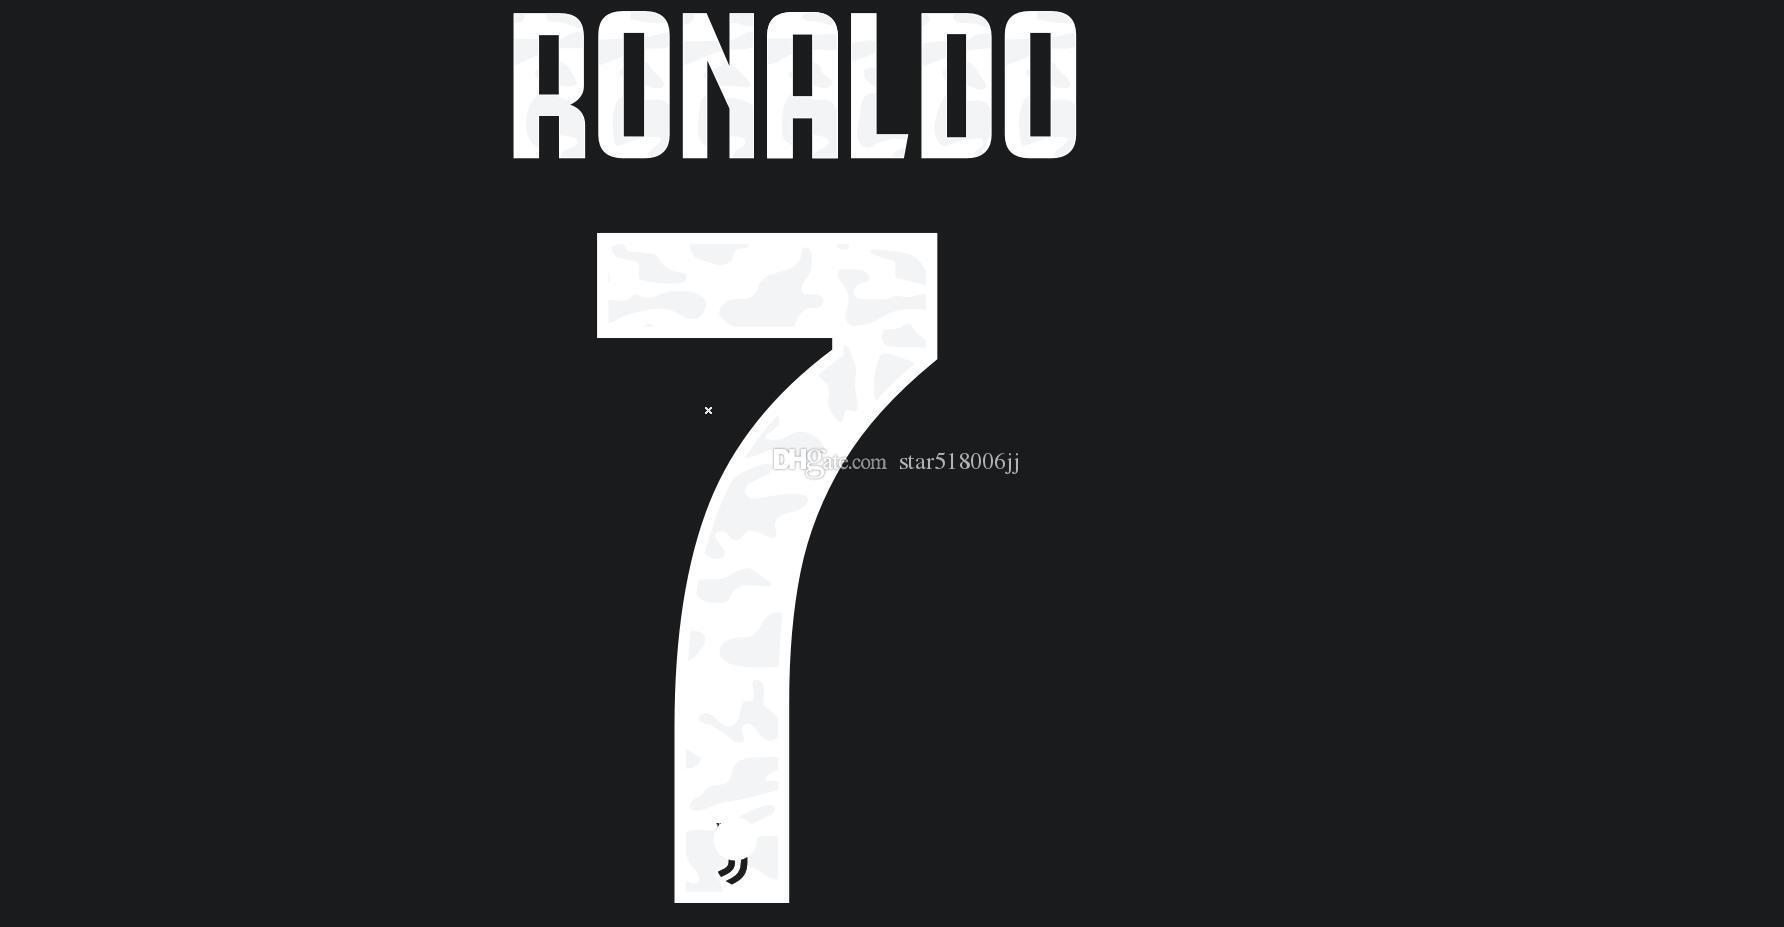 19 20 JUV Accueil football d'impression ensemble de noms chaud # 7 RONALDO BUFFON autocollants estampage du joueur Dybala numérotation des lettres de football imprimés